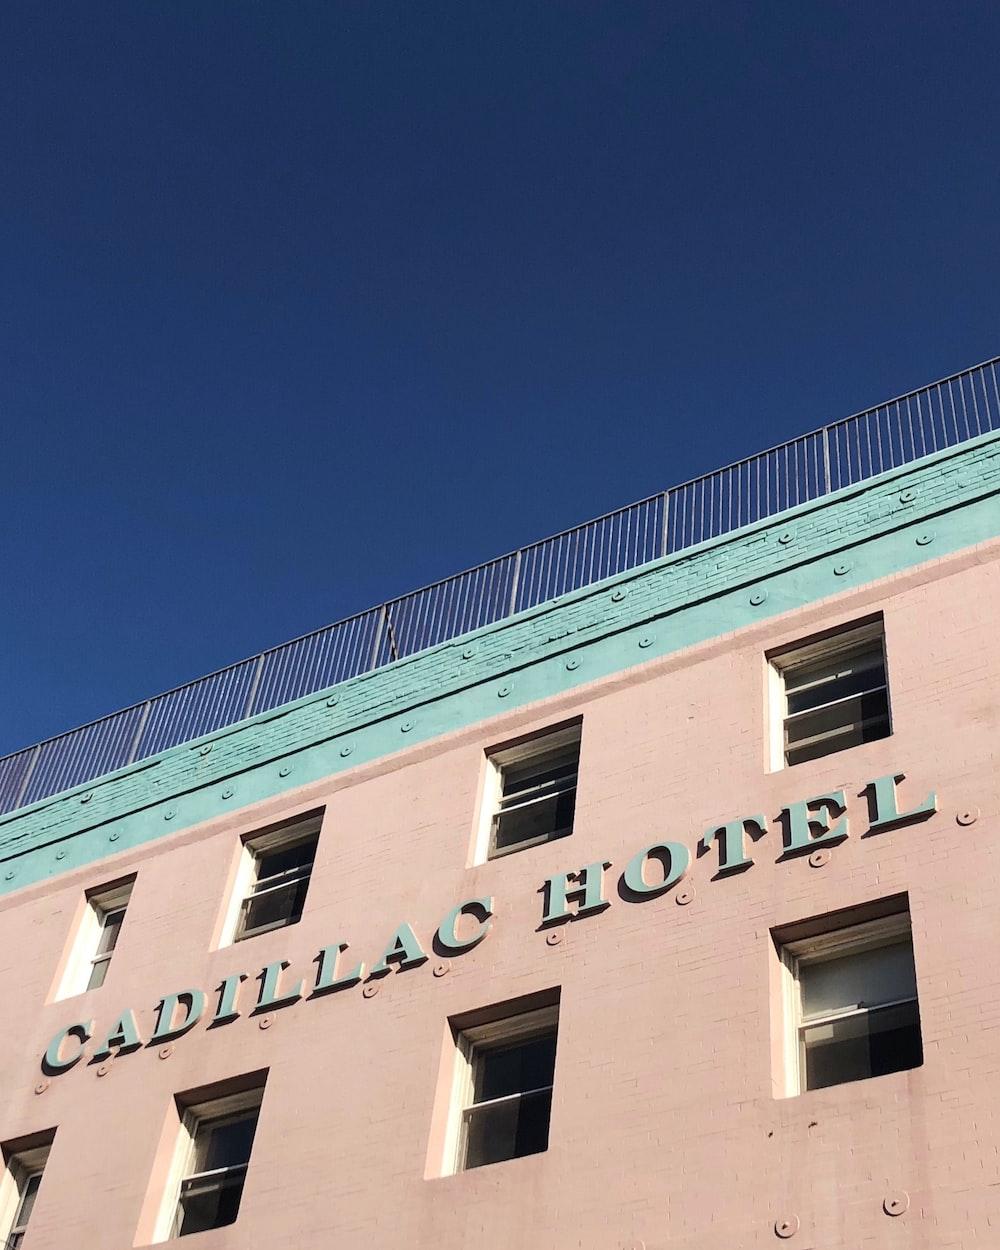 Cadillac Hotel building